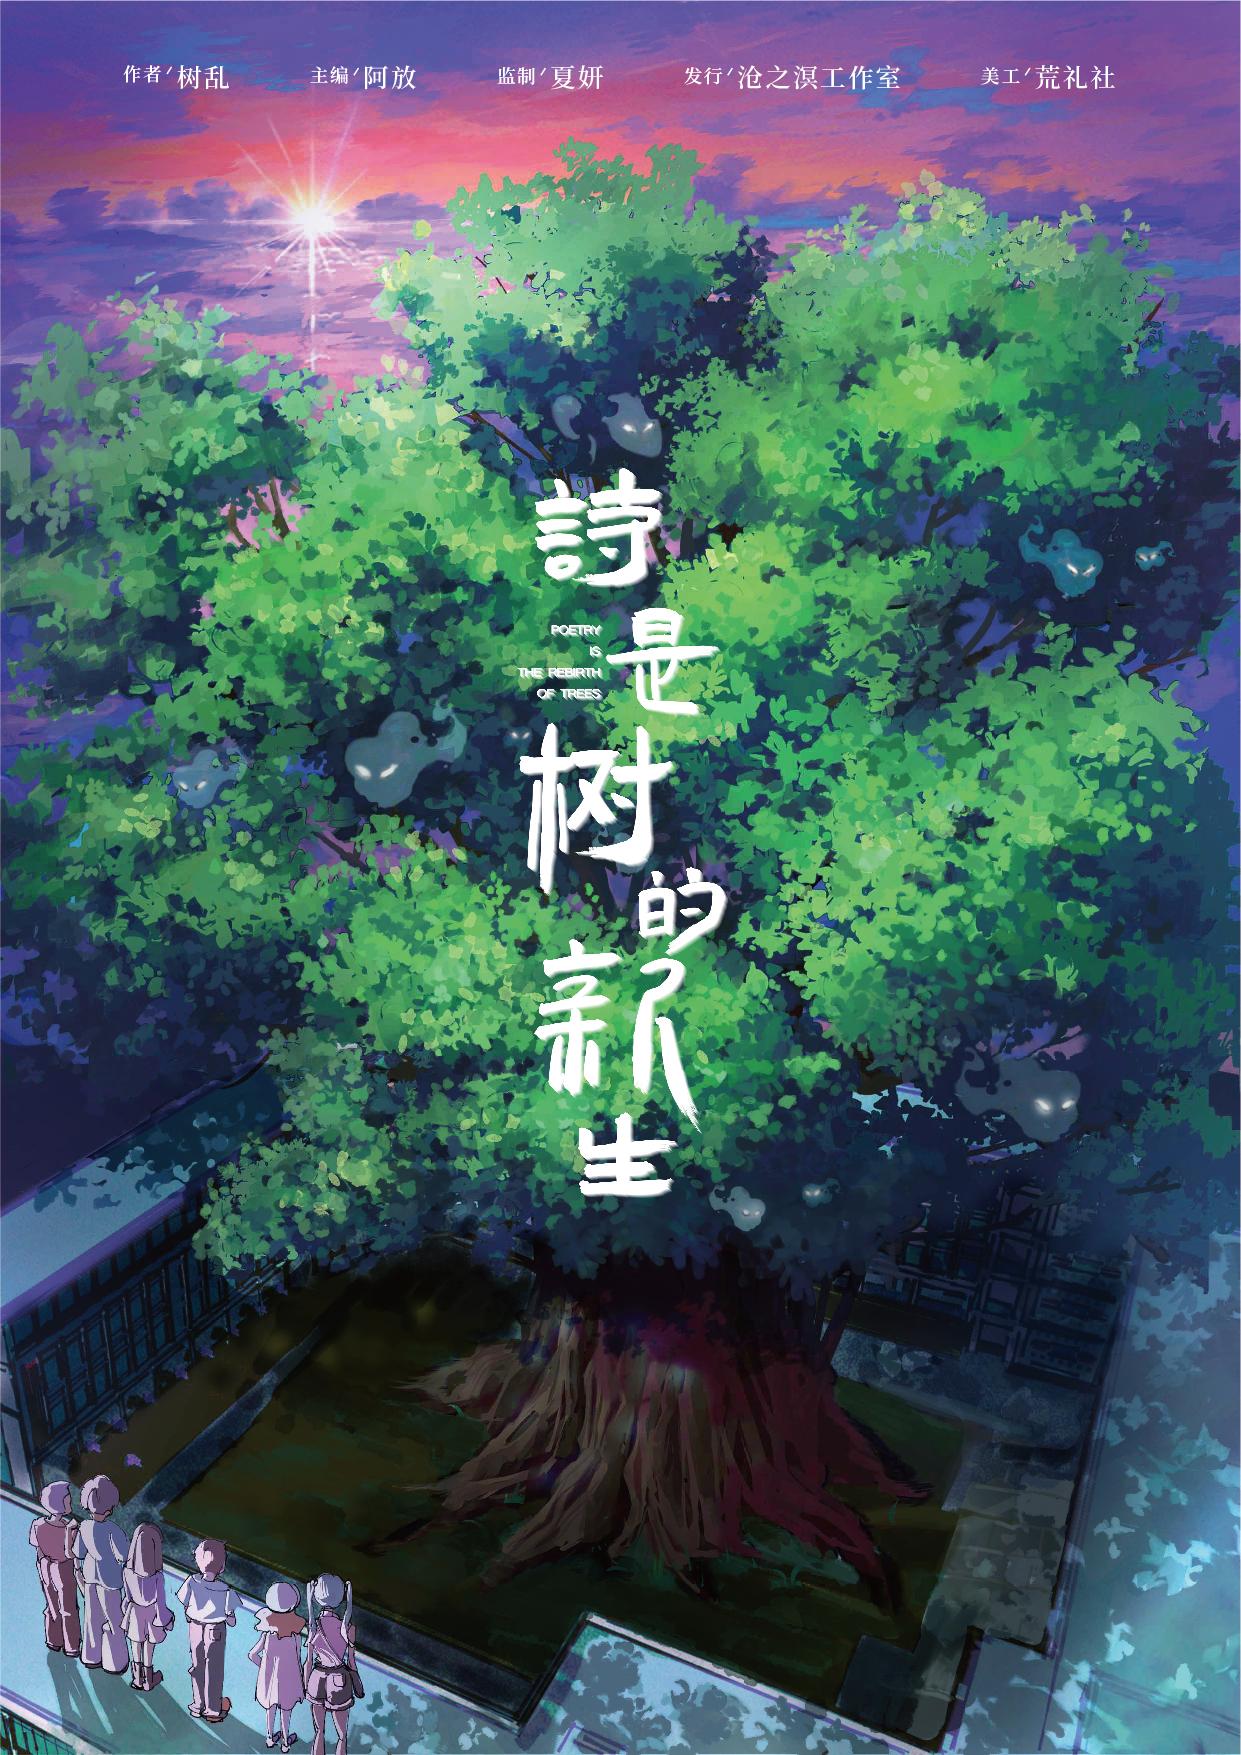 『诗,是树的新生』剧本杀复盘_答案_推凶线索_真相解析